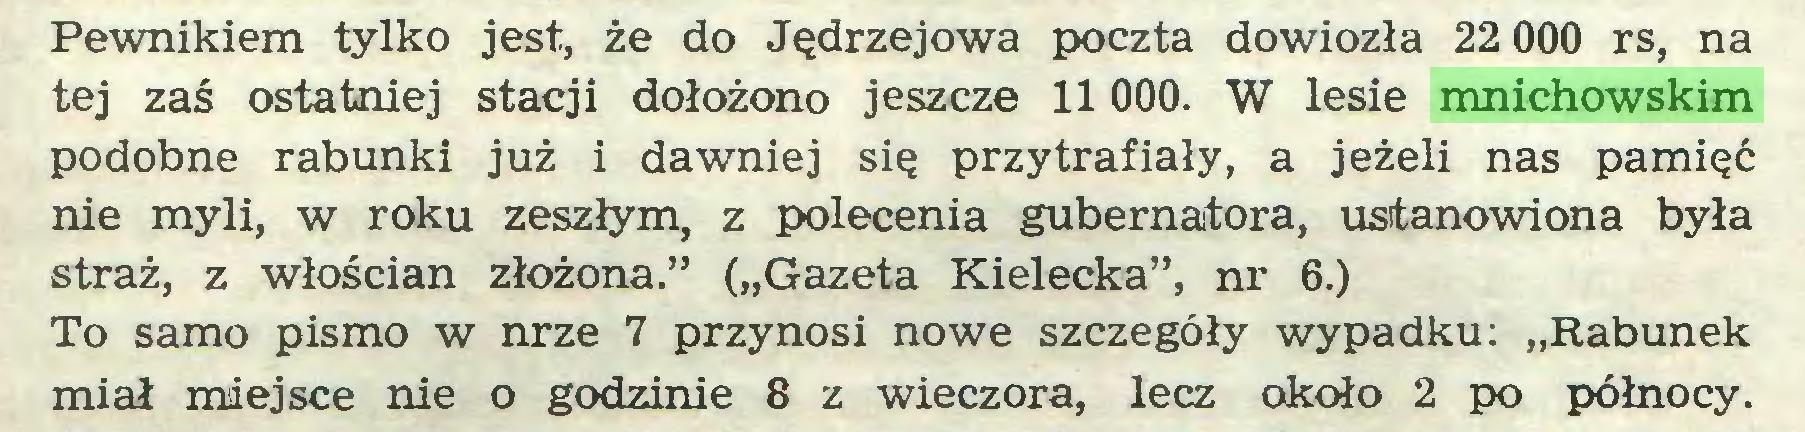 """(...) Pewnikiem tylko jest, że do Jędrzejowa poczta dowiozła 22 000 rs, na tej zaś ostatniej stacji dołożono jeszcze 11 000. W lesie mnichowskim podobne rabunki już i dawniej się przytrafiały, a jeżeli nas pamięć nie myli, w roku zeszłym, z polecenia gubernatora, ustanowiona była straż, z włościan złożona."""" (""""Gazeta Kielecka"""", nr 6.) To samo pismo w nrze 7 przynosi nowe szczegóły wypadku: """"Rabunek miał miejsce nie o godzinie 8 z wieczora, lecz około 2 po północy..."""